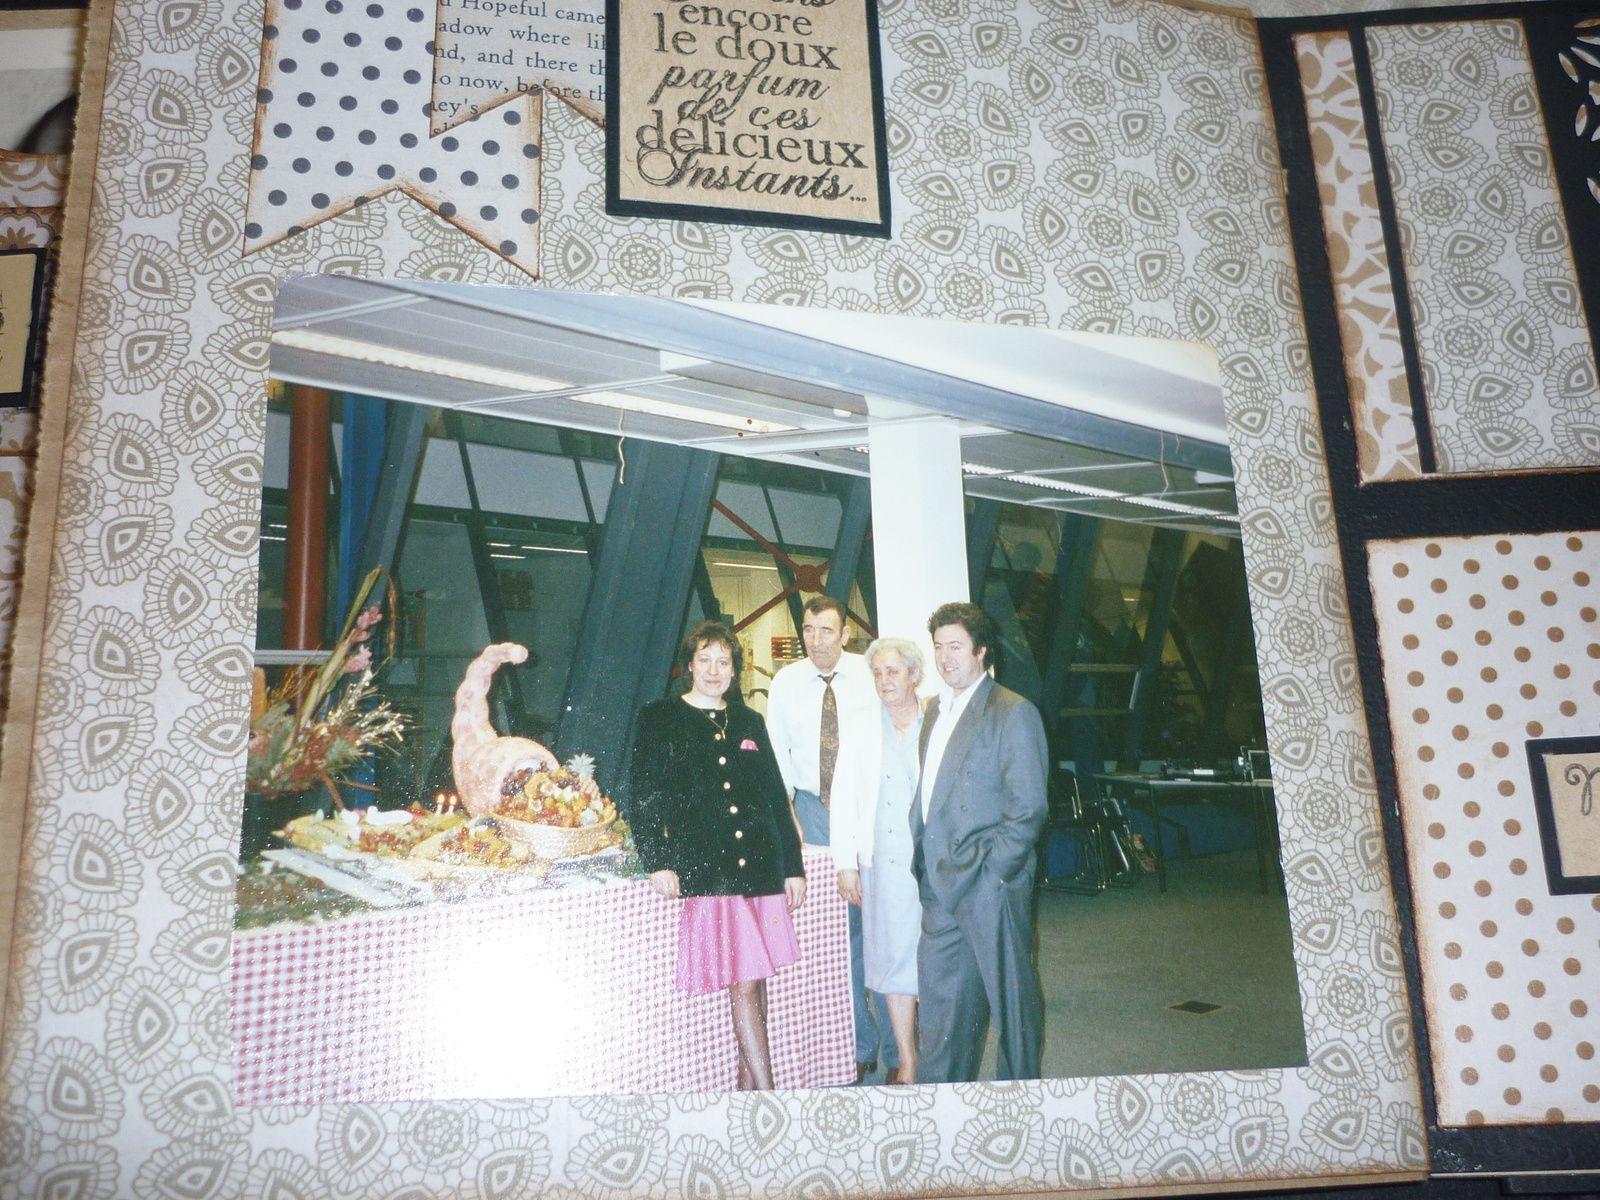 photo unique des 3 générations, les 40 ans de mon frère et le Chef dans son restaurant, mes 40 ans avec mes parents et mon frère